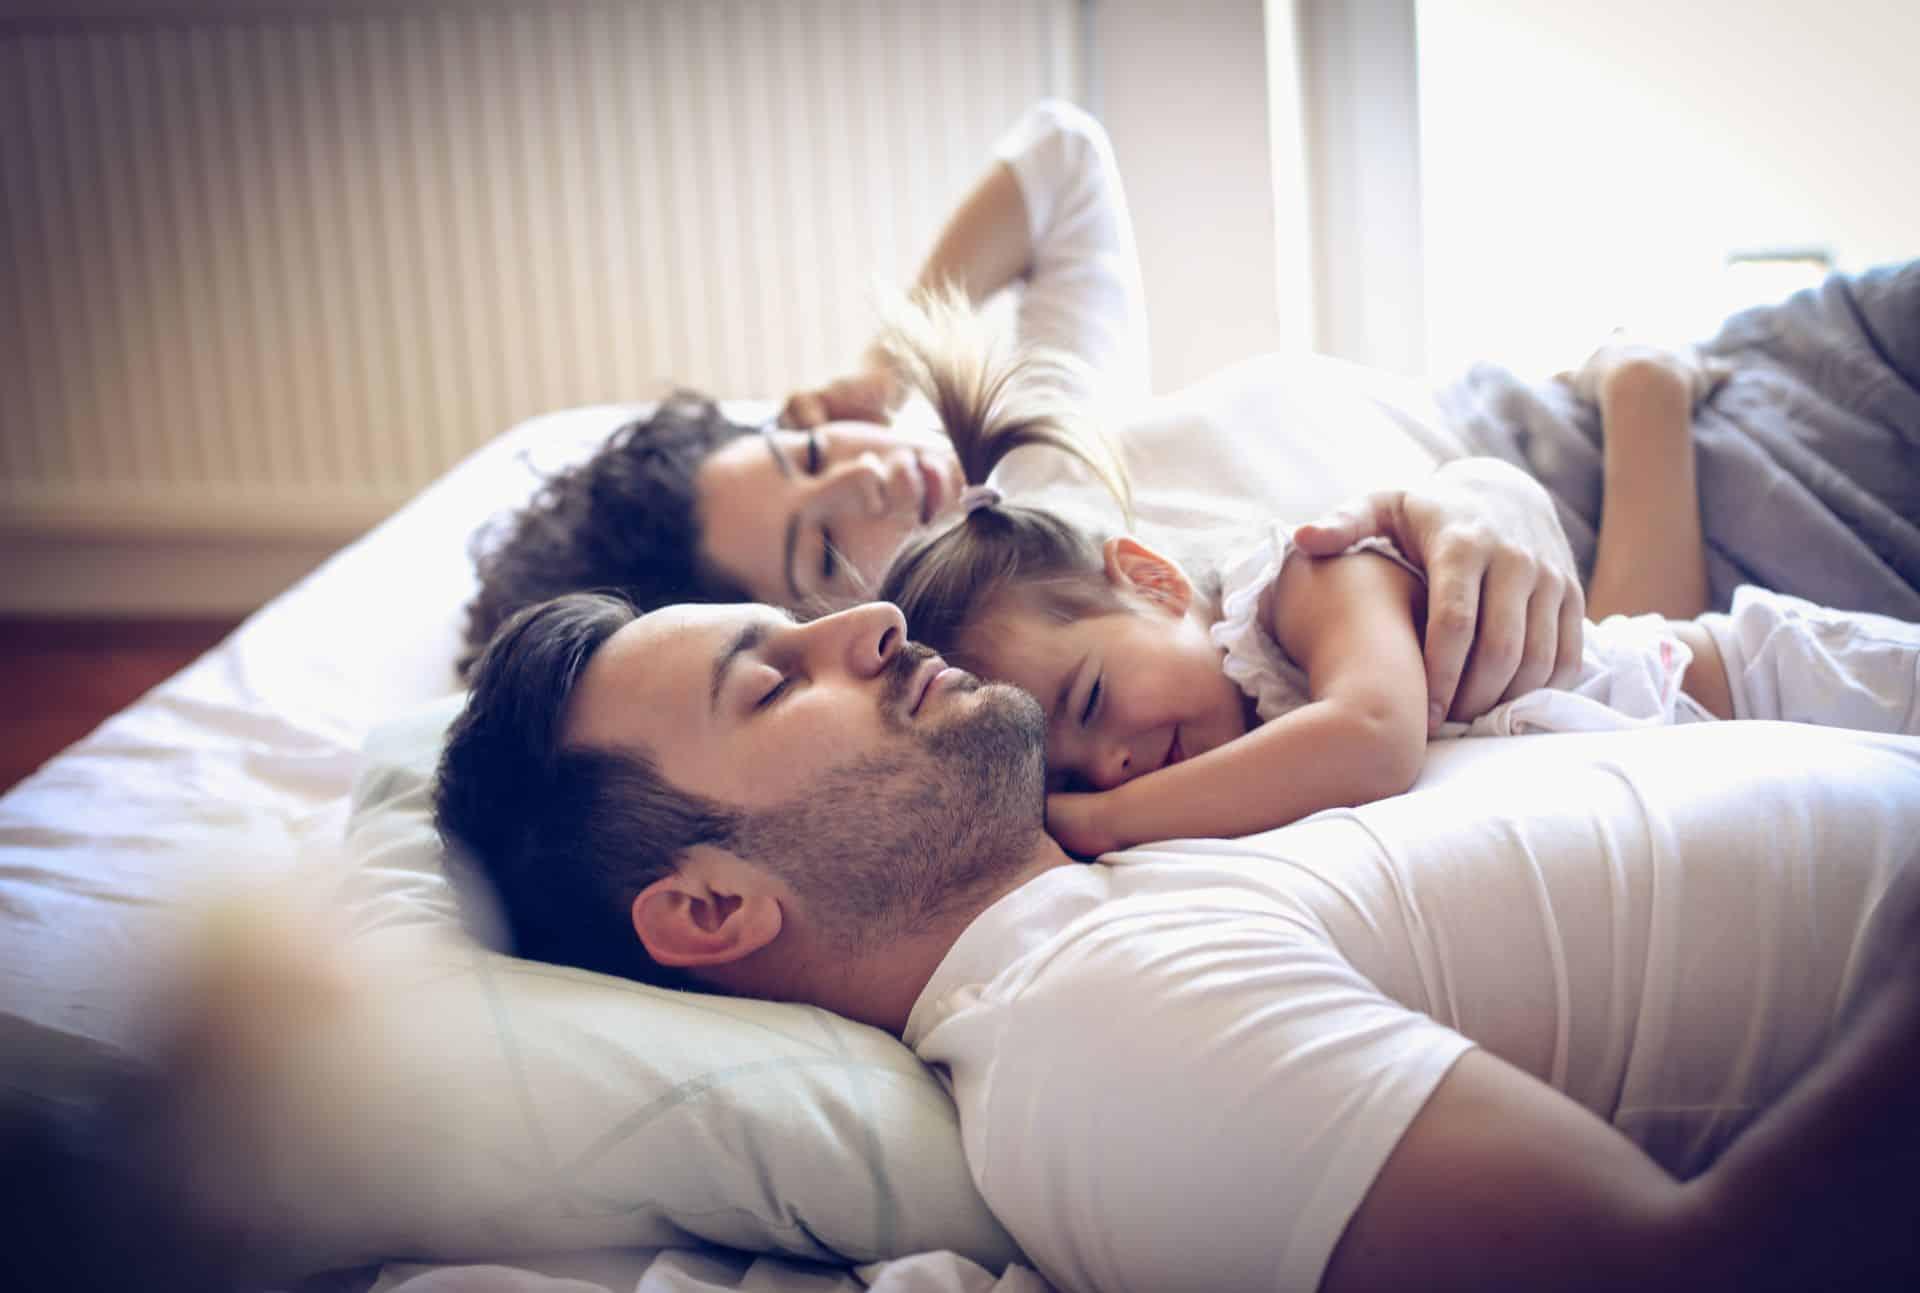 Veilig samen slapen, een goed idee?